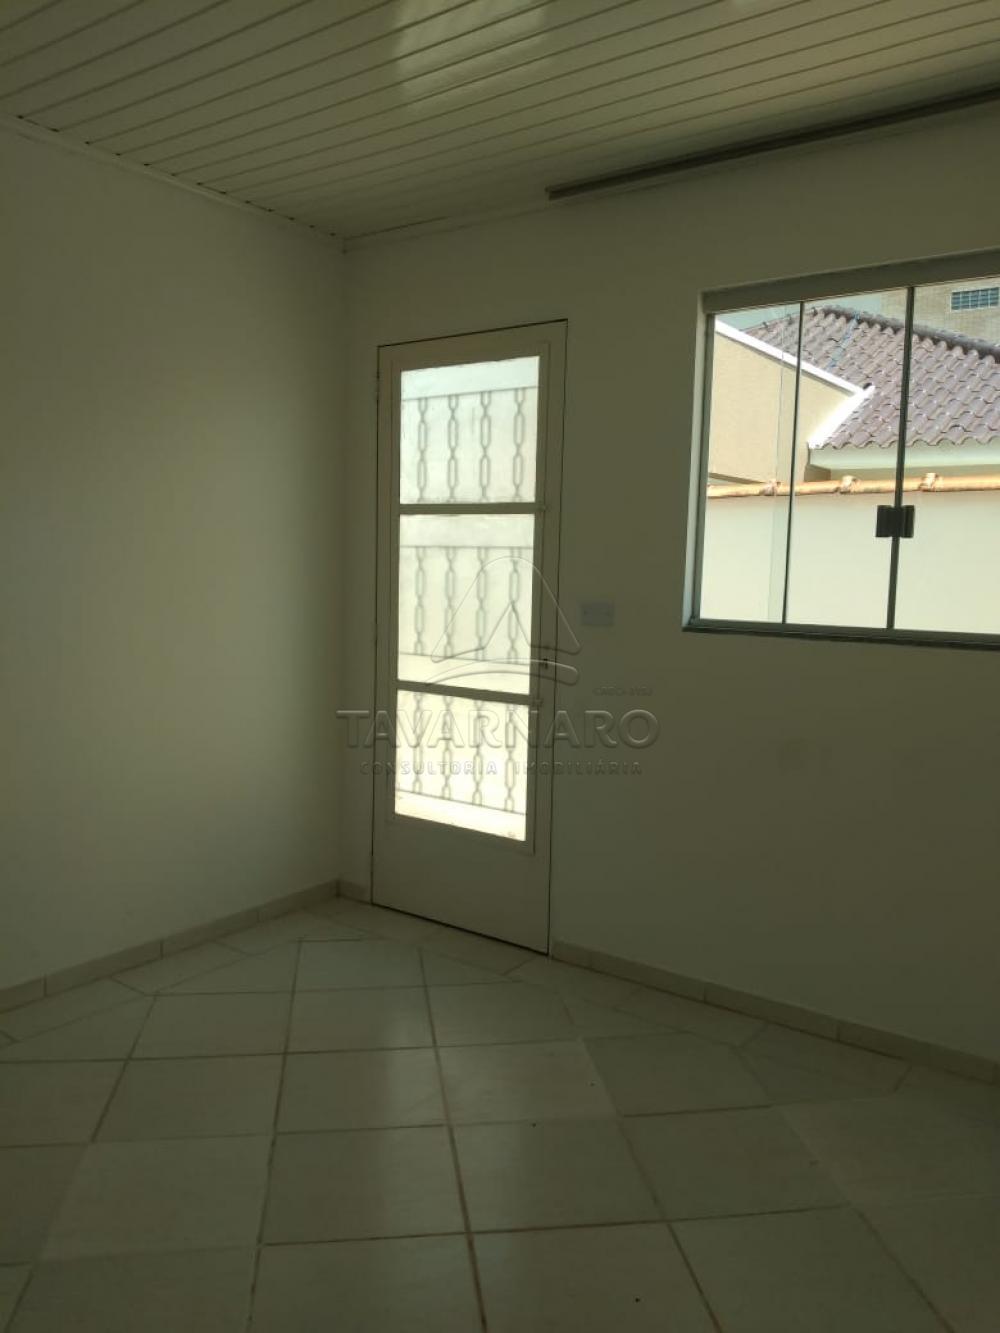 Alugar Casa / Comercial em Carambeí apenas R$ 1.700,00 - Foto 9